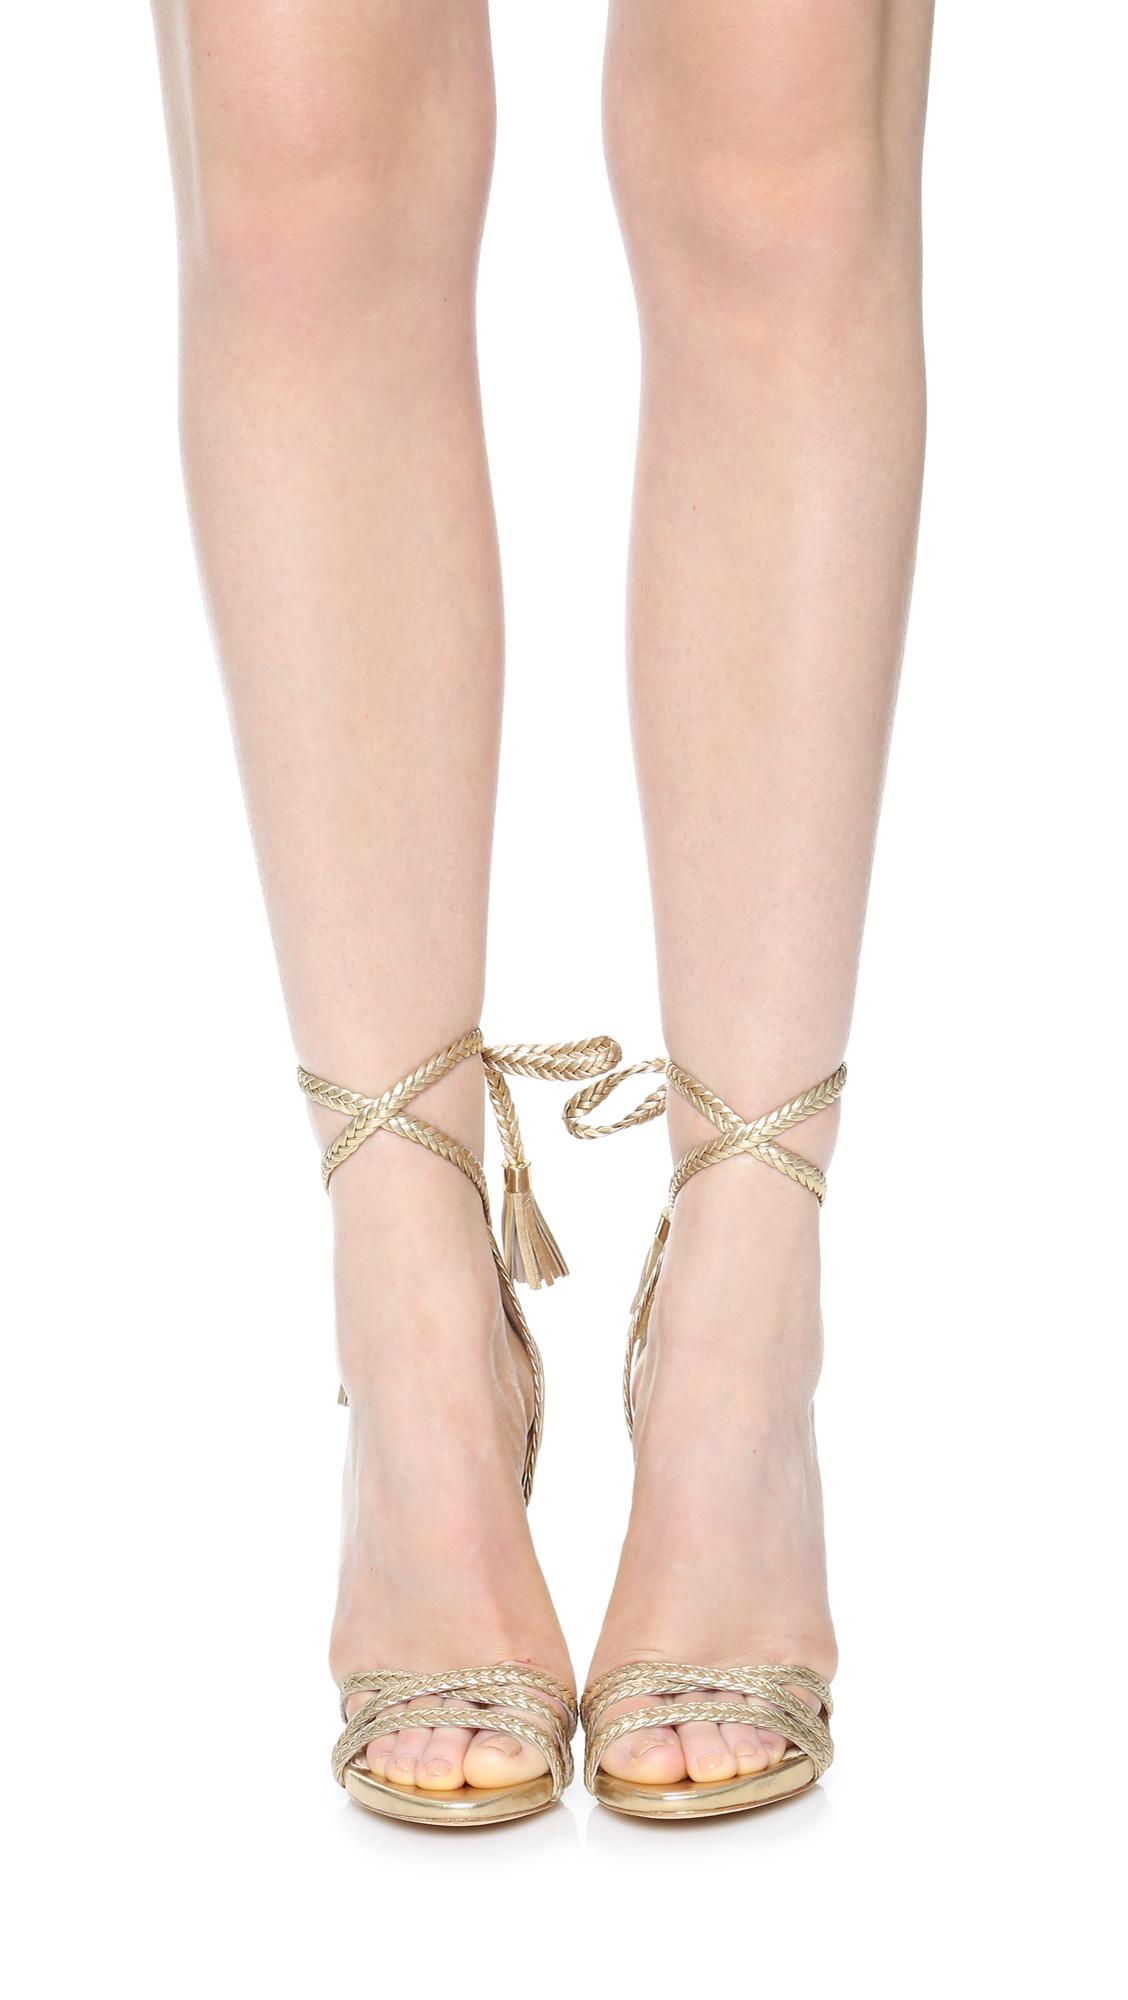 9fae8d7d408c Rachel Zoe Odette Wrap Sandals